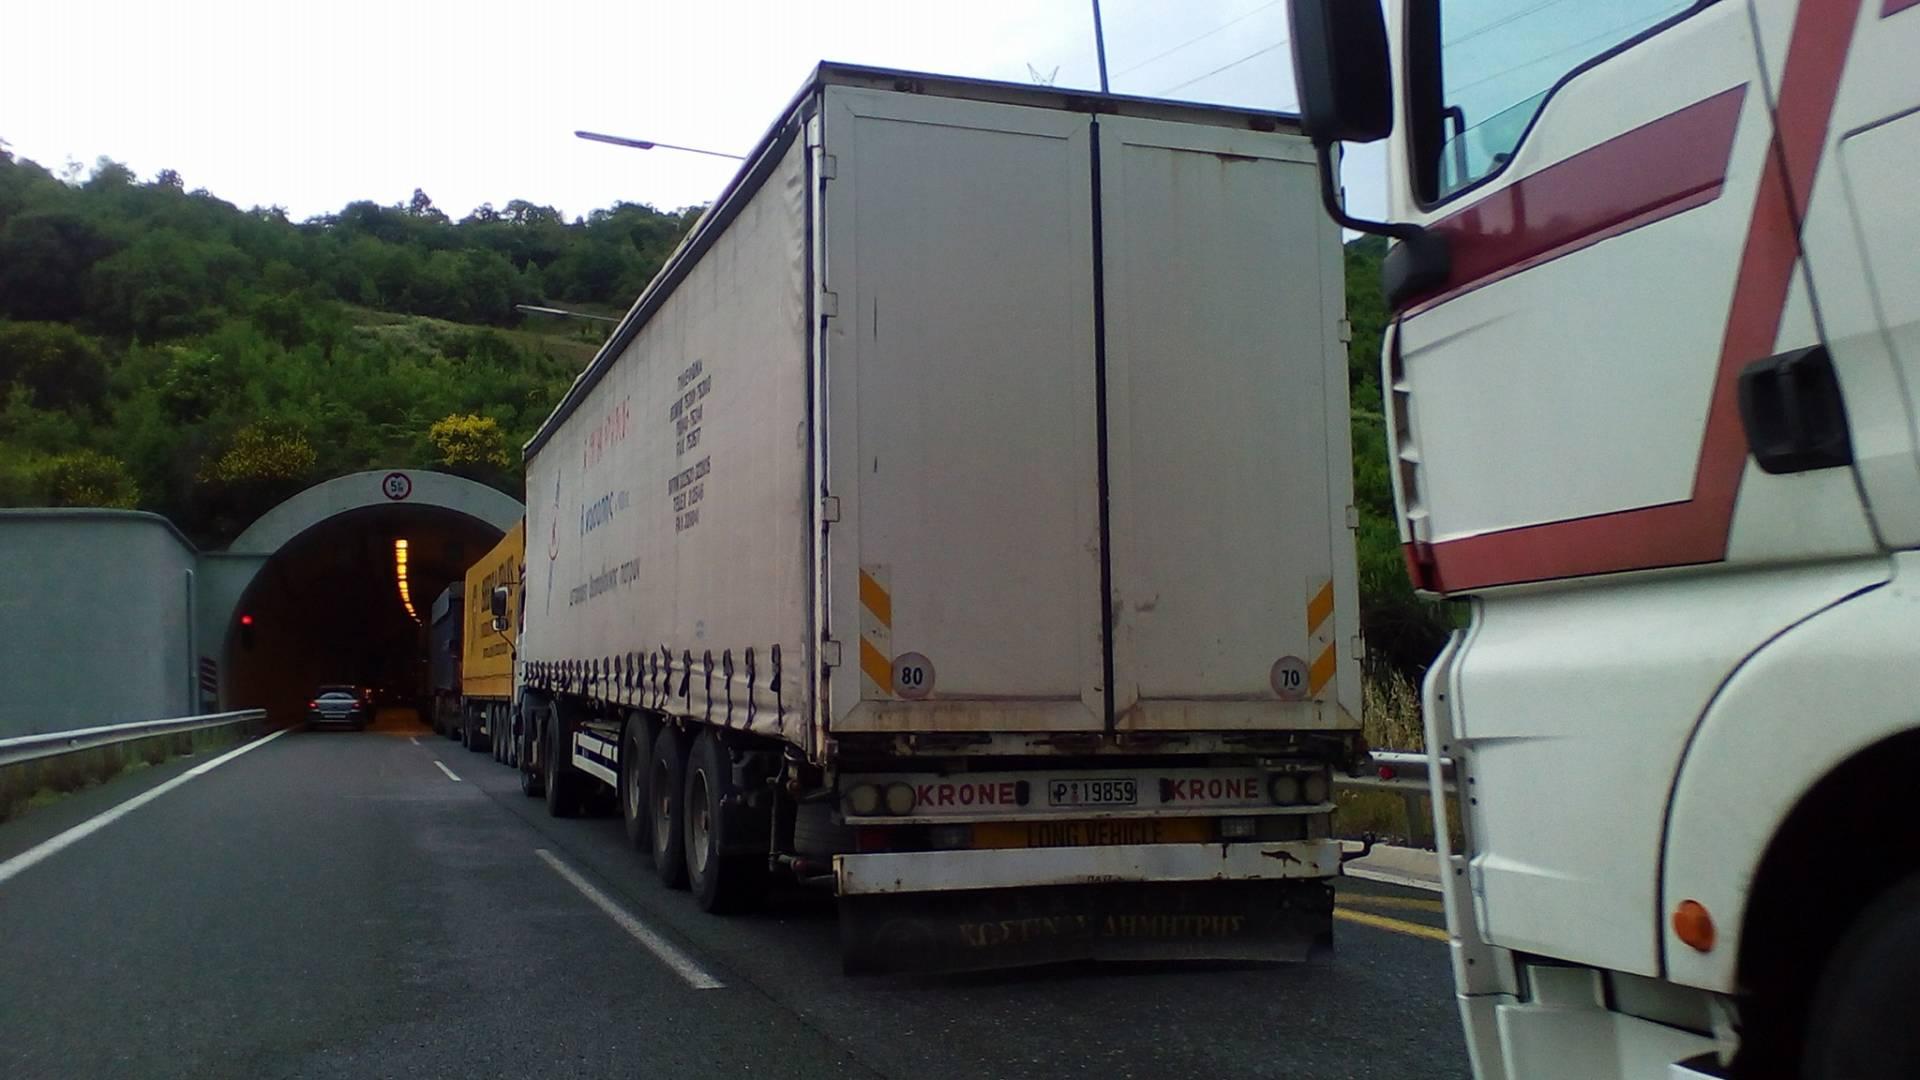 Εγνατία – Φορτηγό έπεσε πάνω σε προπορευόμενο ΙΧ στo τούνελ 7, στο ύψος του Πολυμύλου, στο ρεύμα προς Κοζάνη ( Φωτογραφίες)